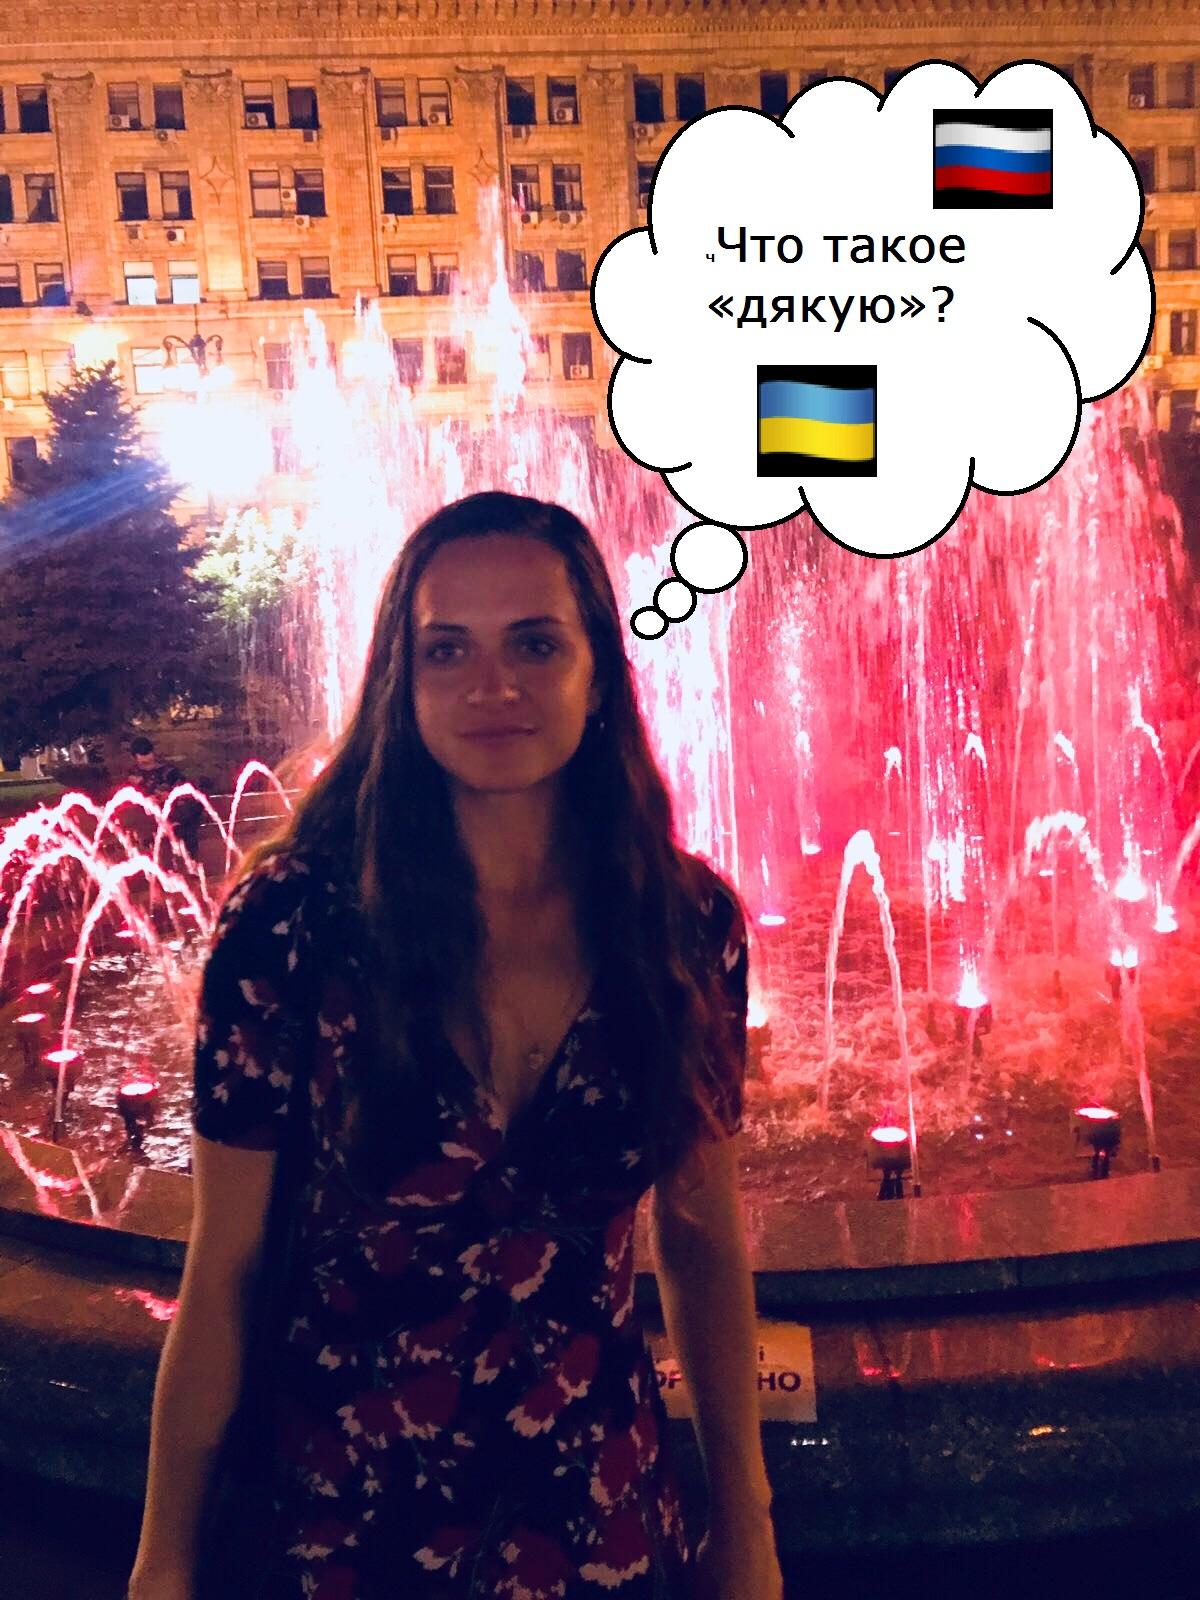 10 Ukrainian Words I Learned inKiev